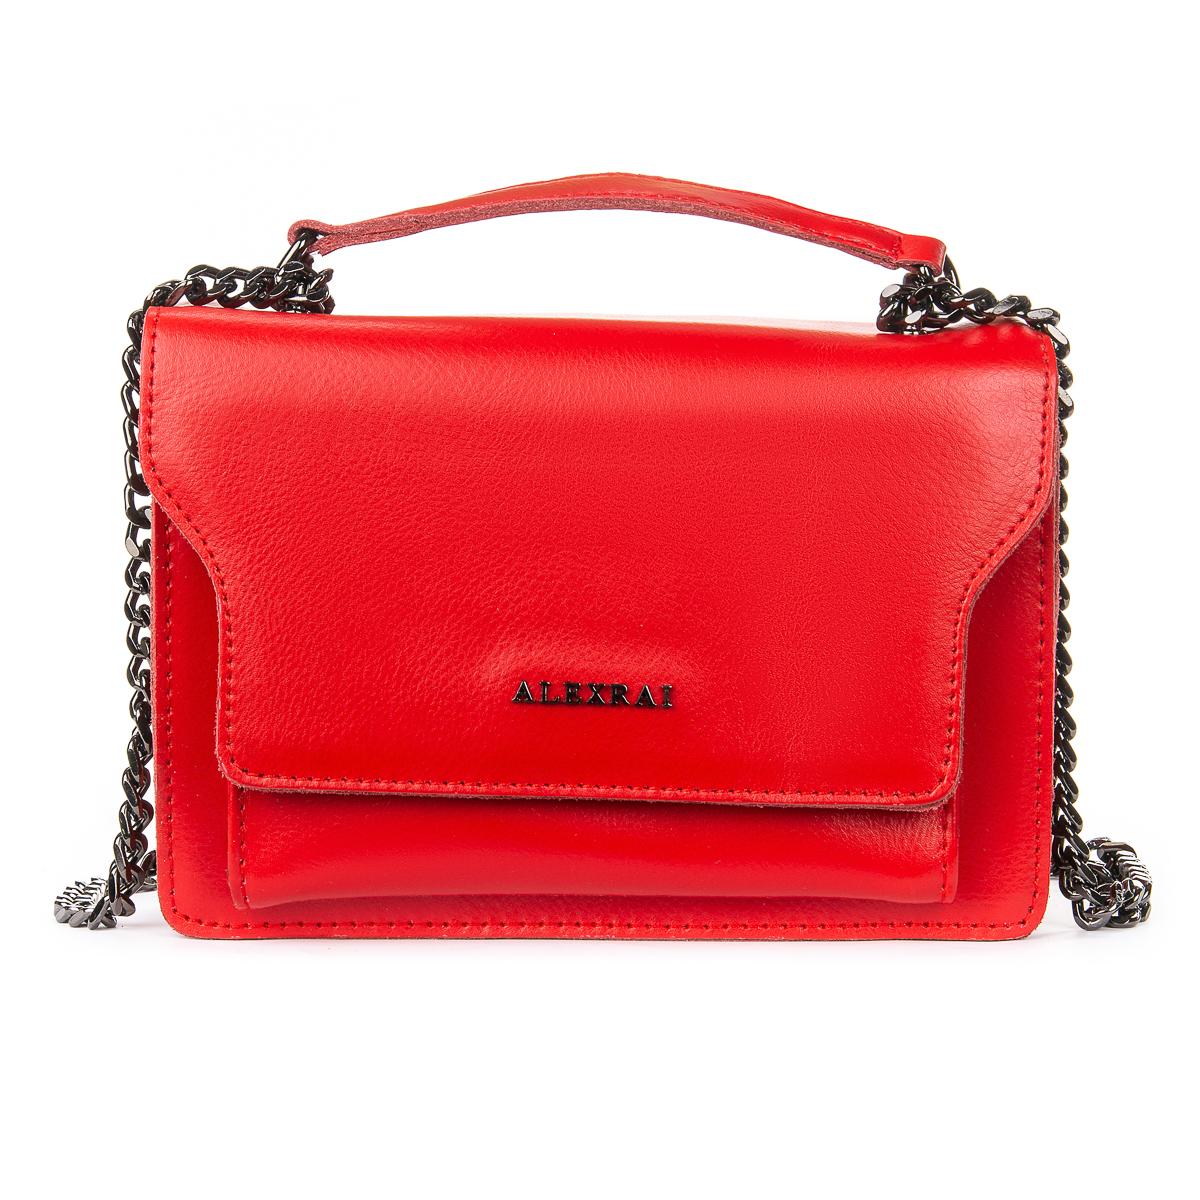 Сумка Женская Клатч кожа ALEX RAI 06-1 8543 red